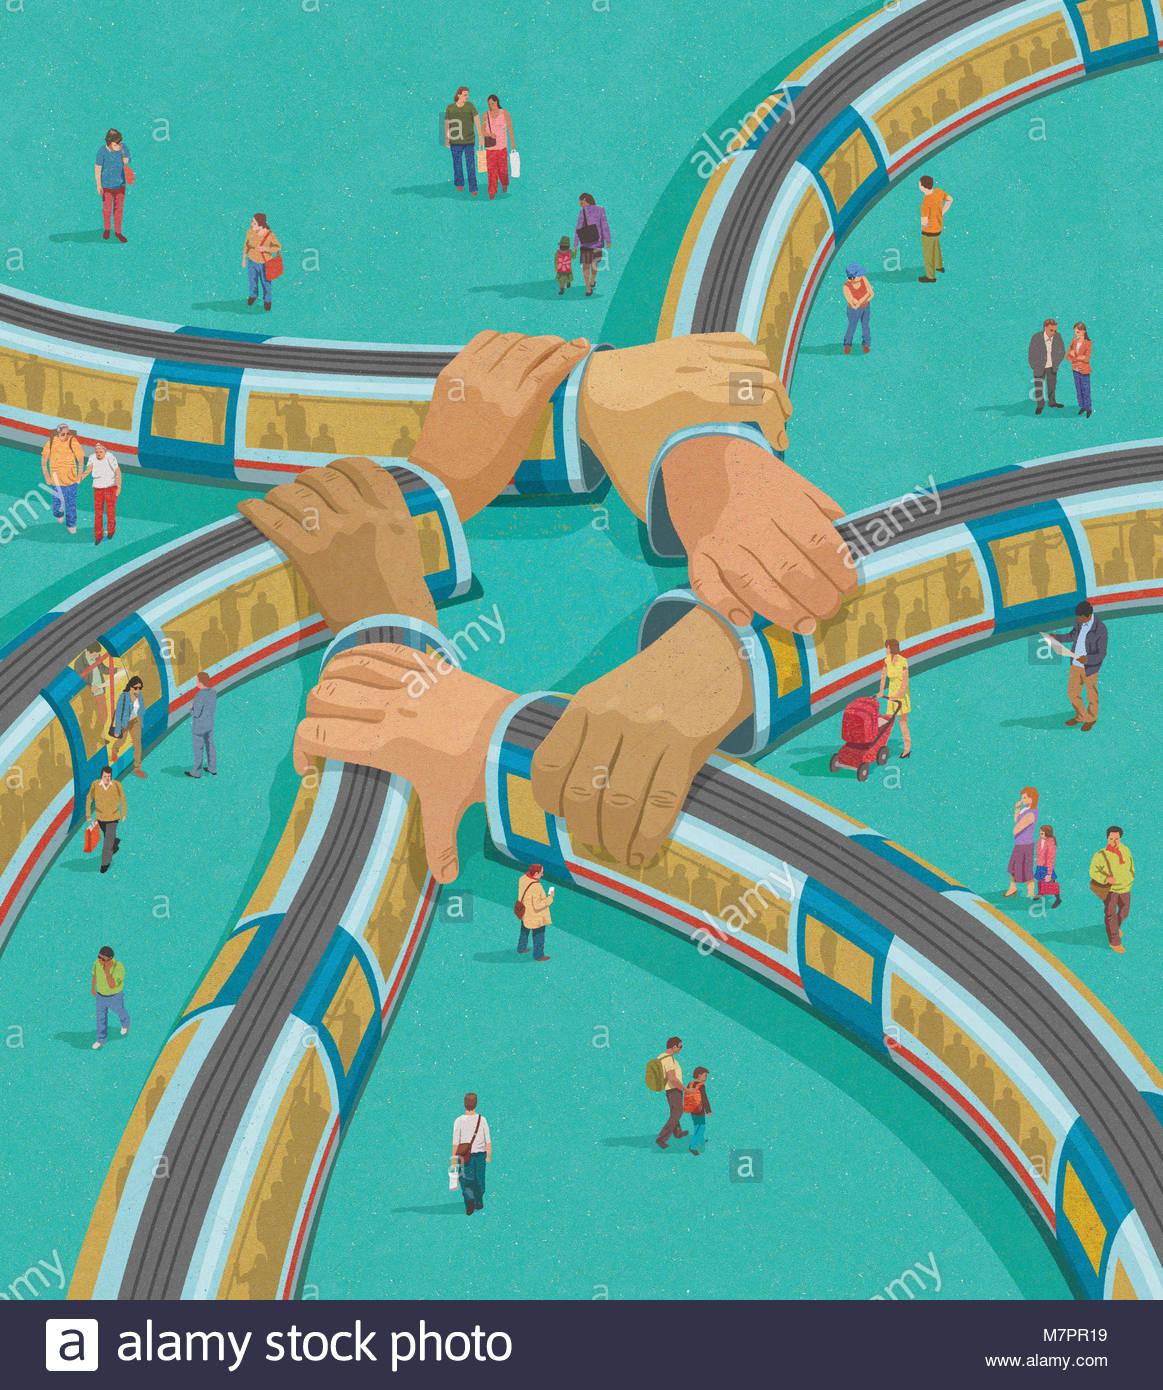 Treni come interconnessione bracci collegati Immagini Stock